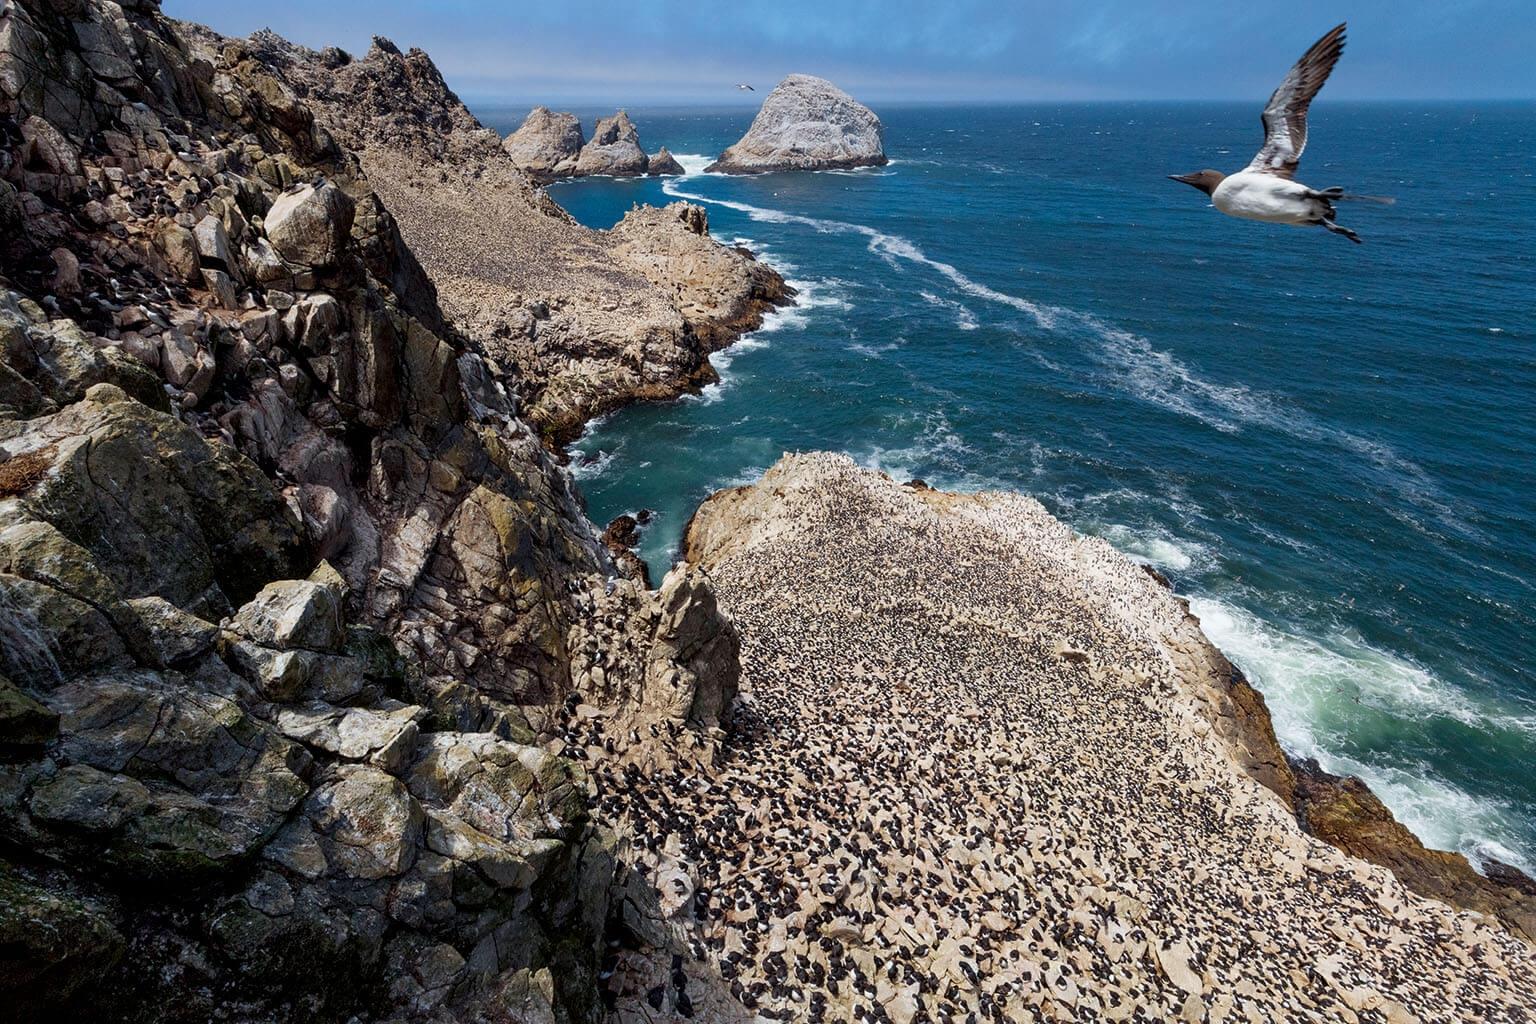 在加州外海的法拉榮群島,一隻崖海鴉飛翔在數千隻正在孵蛋和照料幼鳥的海鴉上空。19世紀時,供應舊金山市場的鳥蛋獵人幾乎摧毀了這裡的海鴉族群;1980年代早期,流刺網捕漁法又讓這個族群的數量再次崩潰,因為大型魚網除了捕撈到目標魚種外,也網住了海鳥和其他野生動物。1980年代中期開始限制或禁止使用流刺網,讓法拉榮的海鴉生機再現。